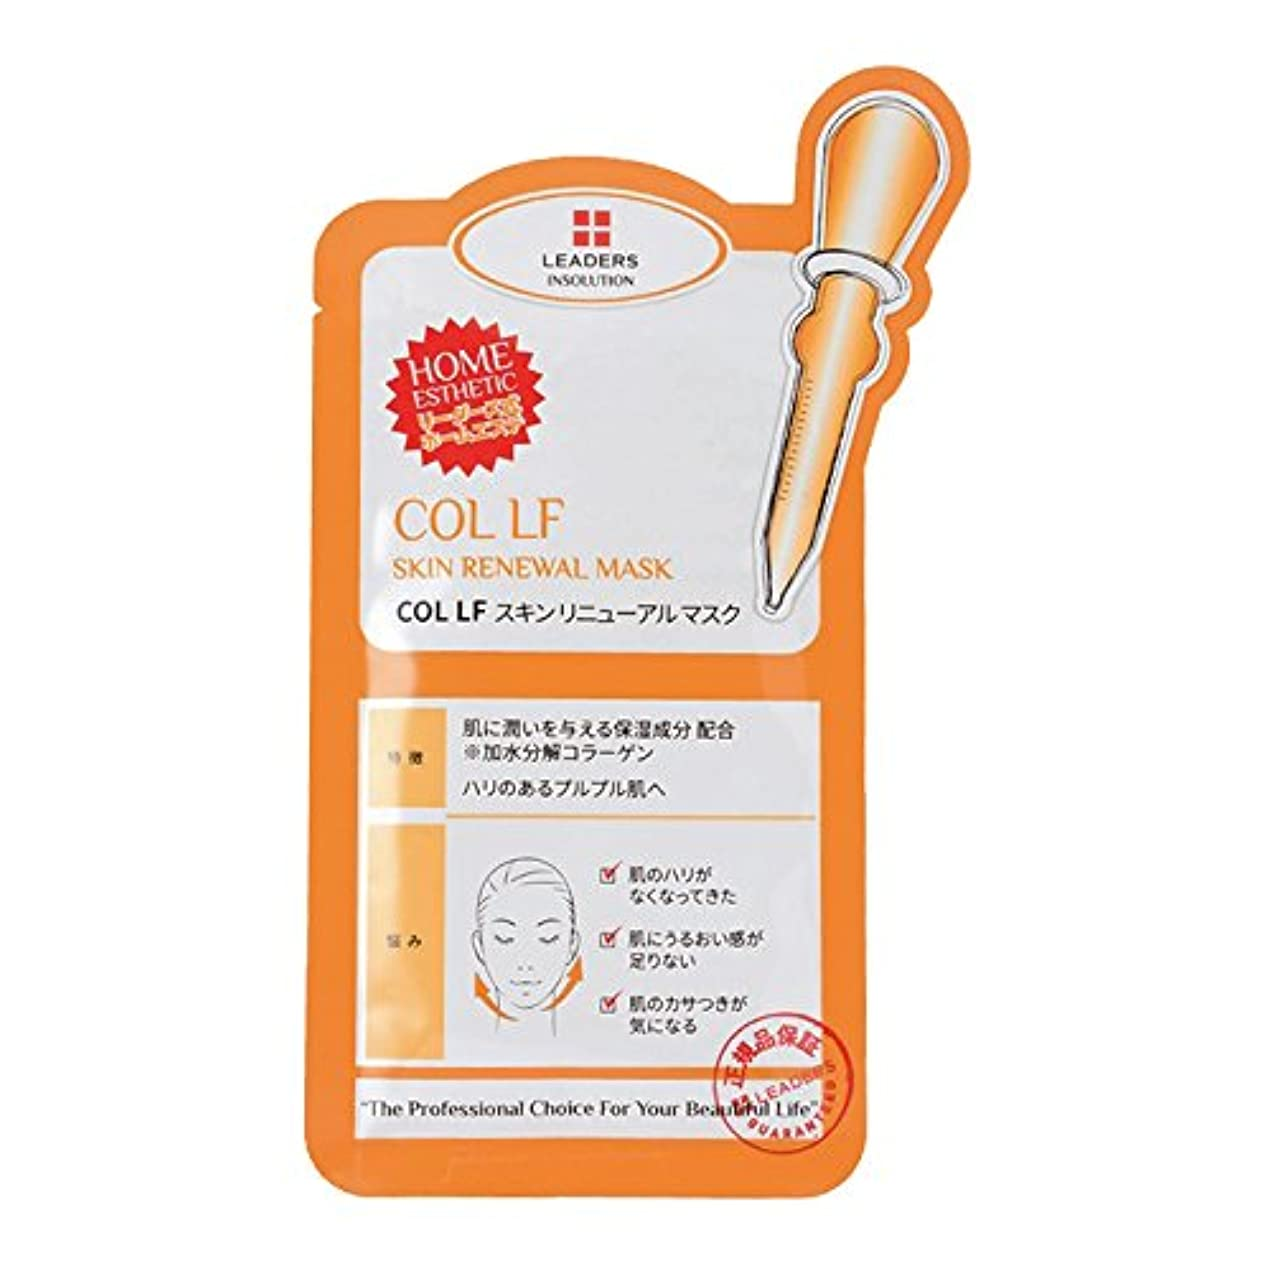 球状照らすコーヒー日本限定版 国内正規品 LEADERS リーダース コラーゲンリフティング スキンリニュアル マスク 1枚 25ml ハリ ツヤ エイジングケア